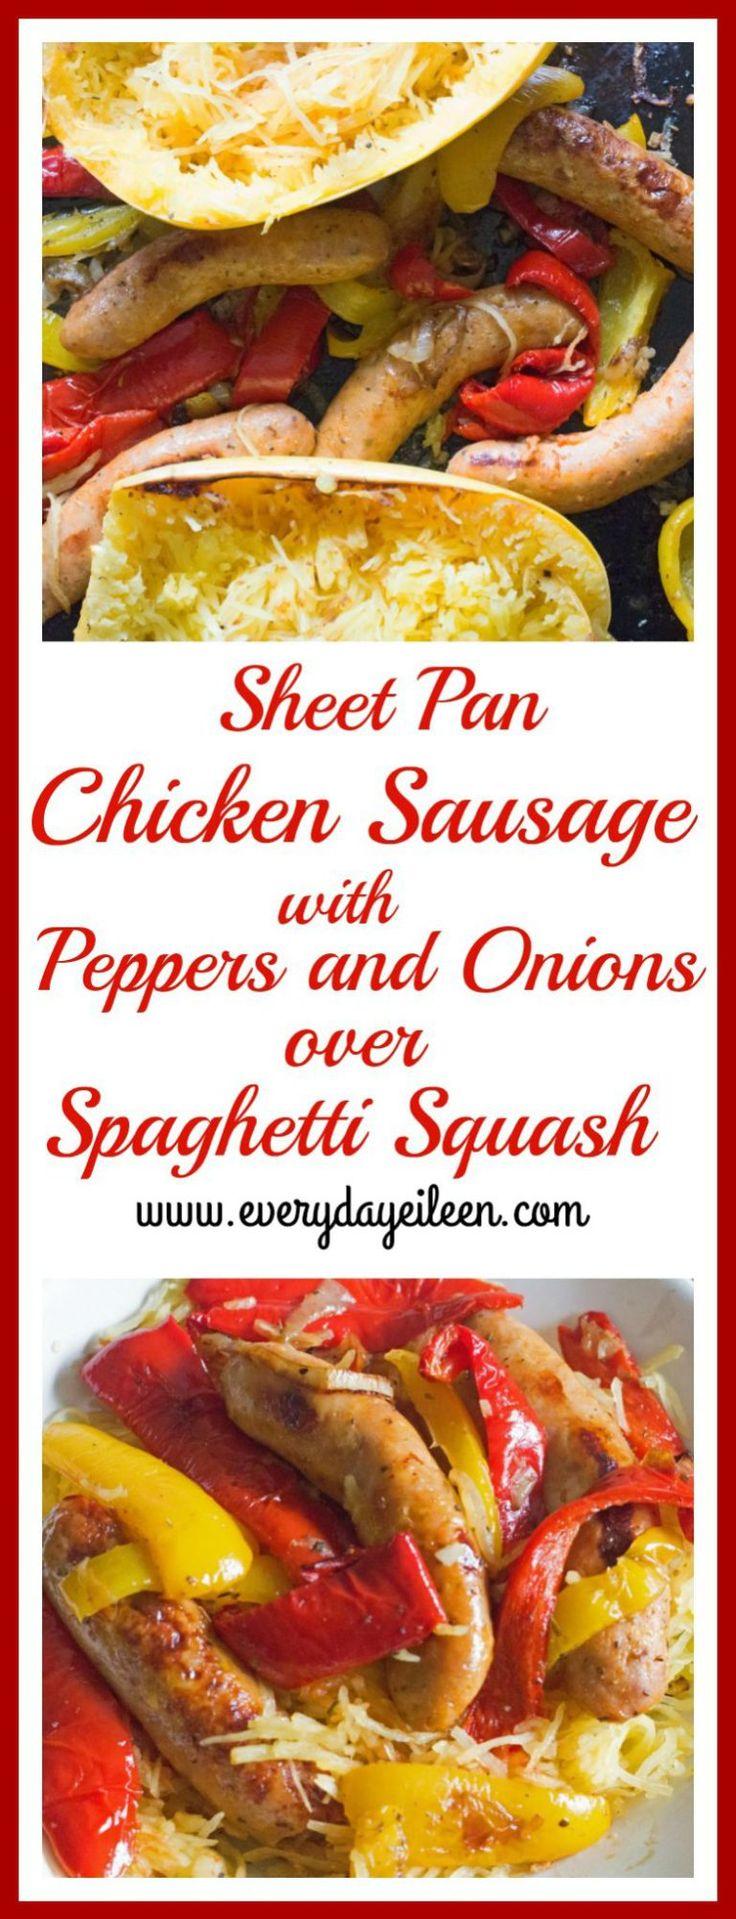 Sheet Pan Chicken Sausage mit Paprika und Zwiebel über Spaghetti Squash